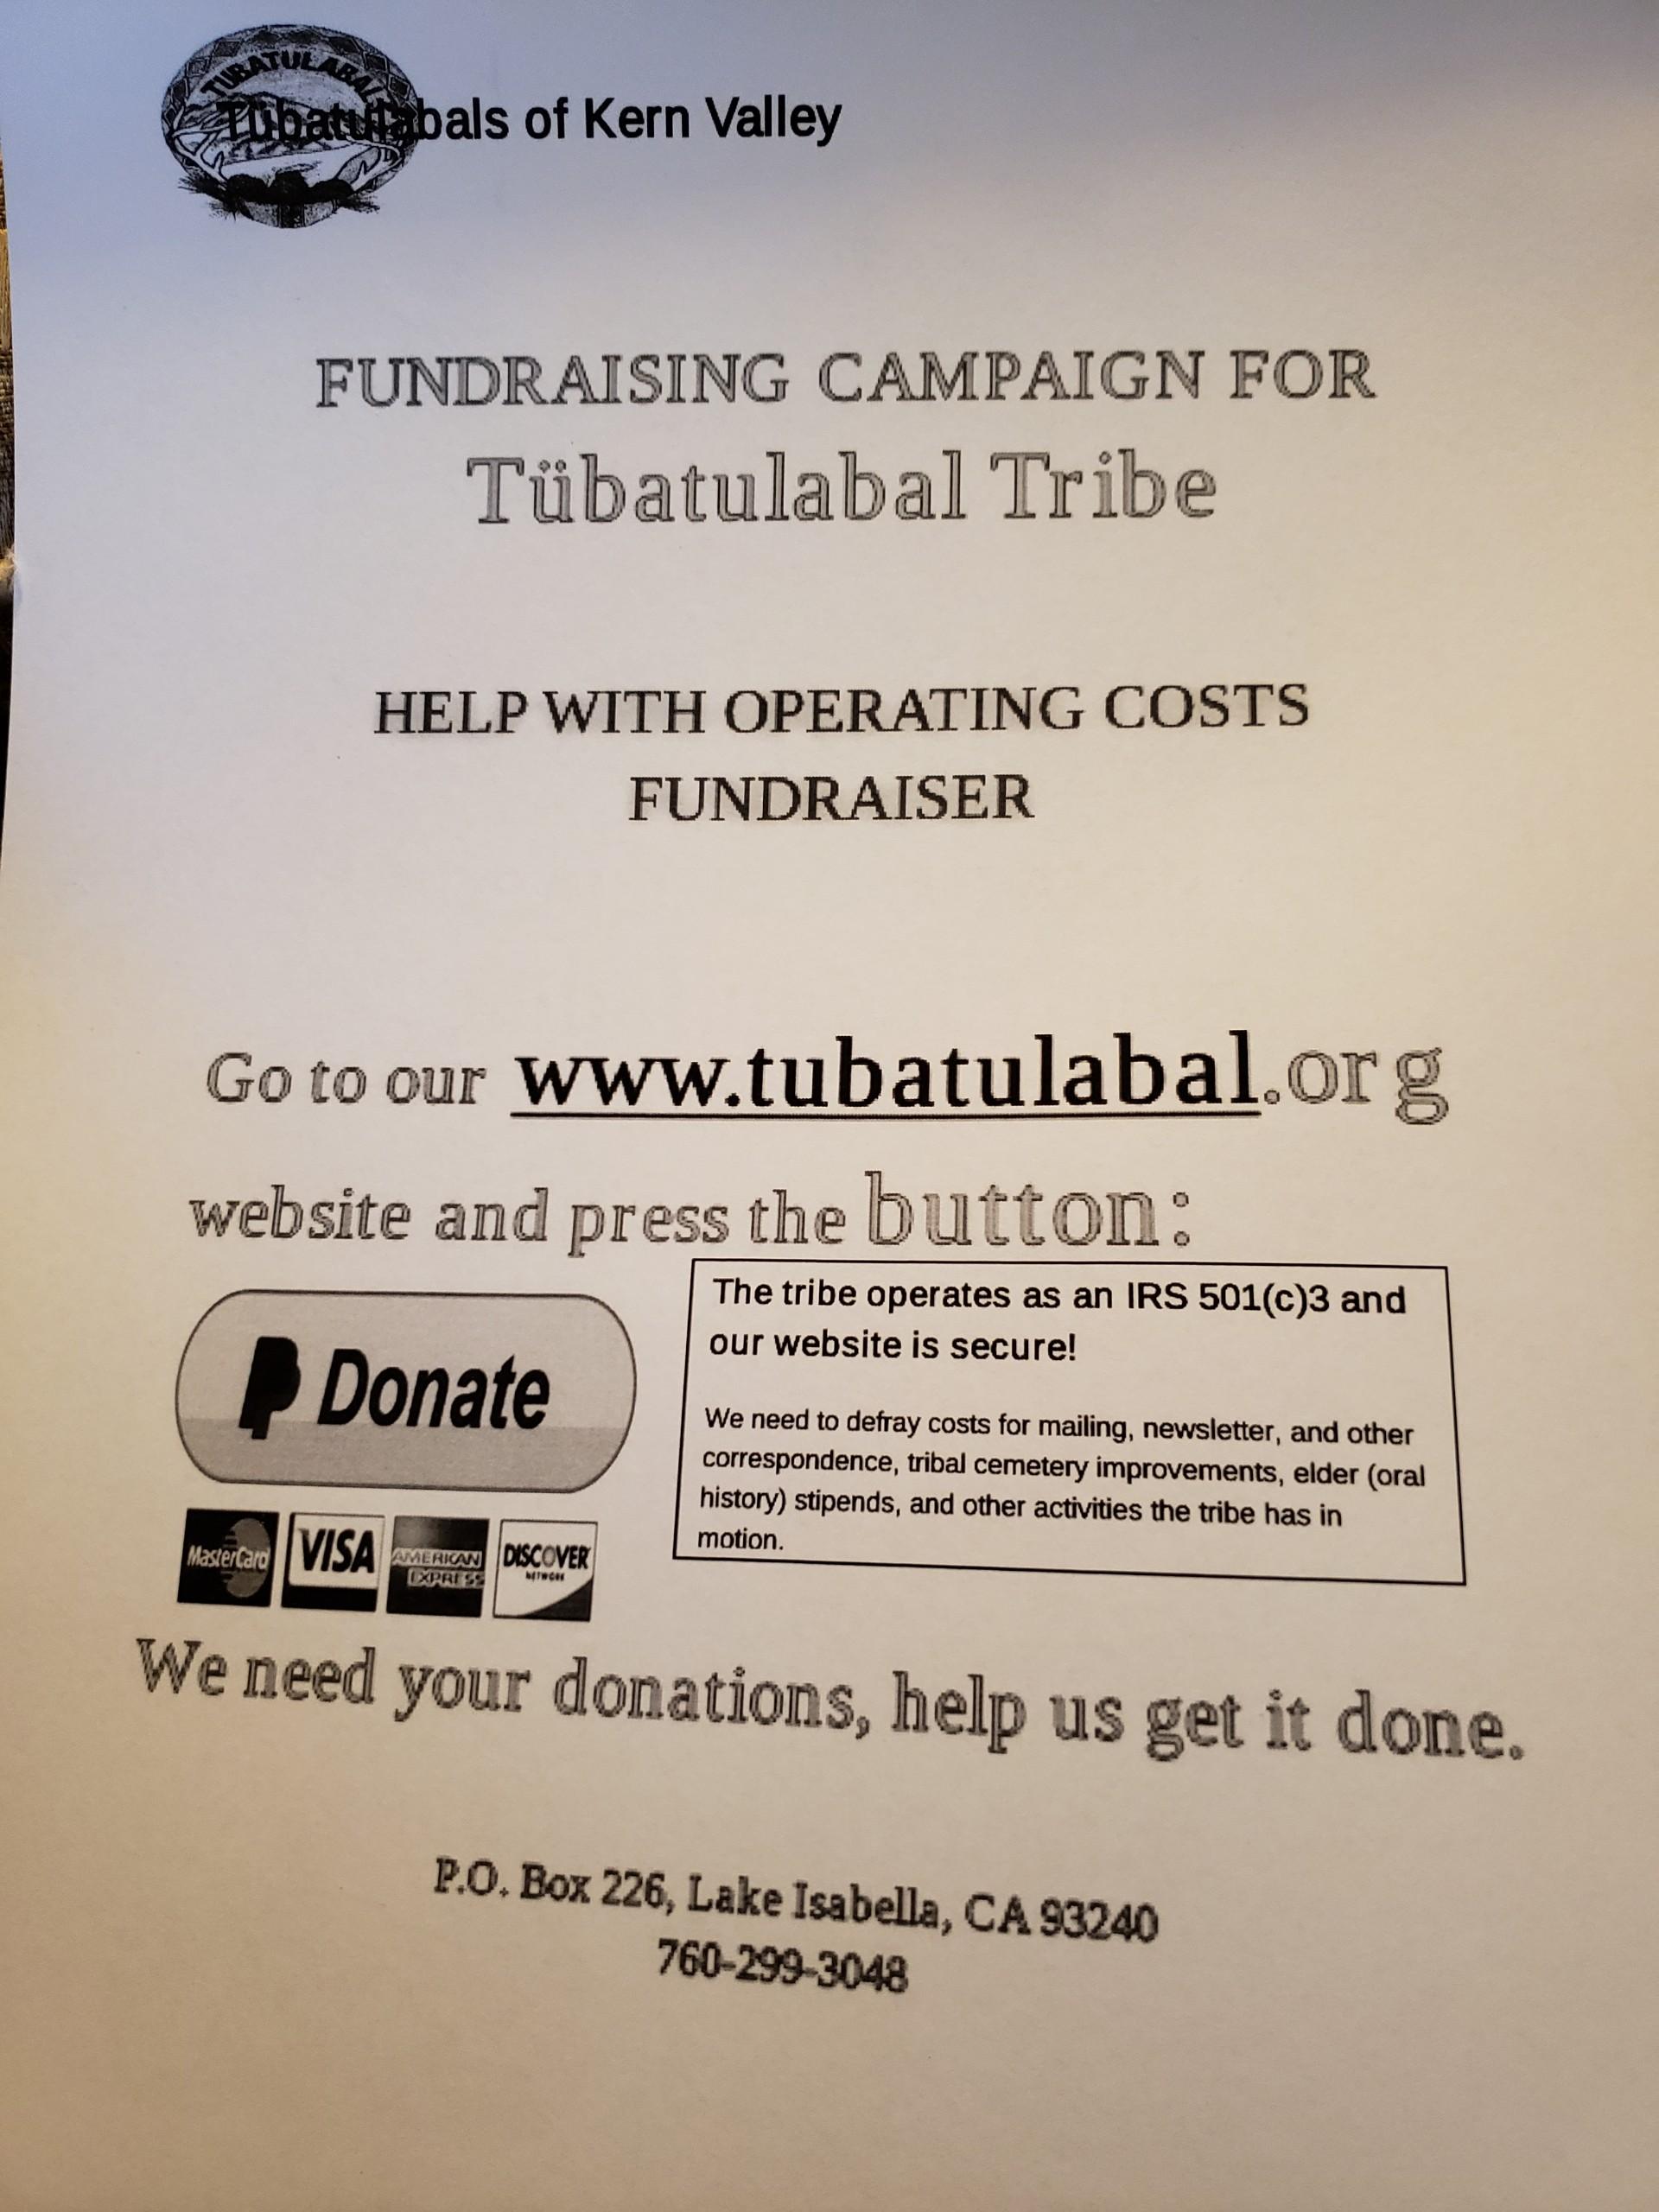 Tubatulabal Donation Campaign